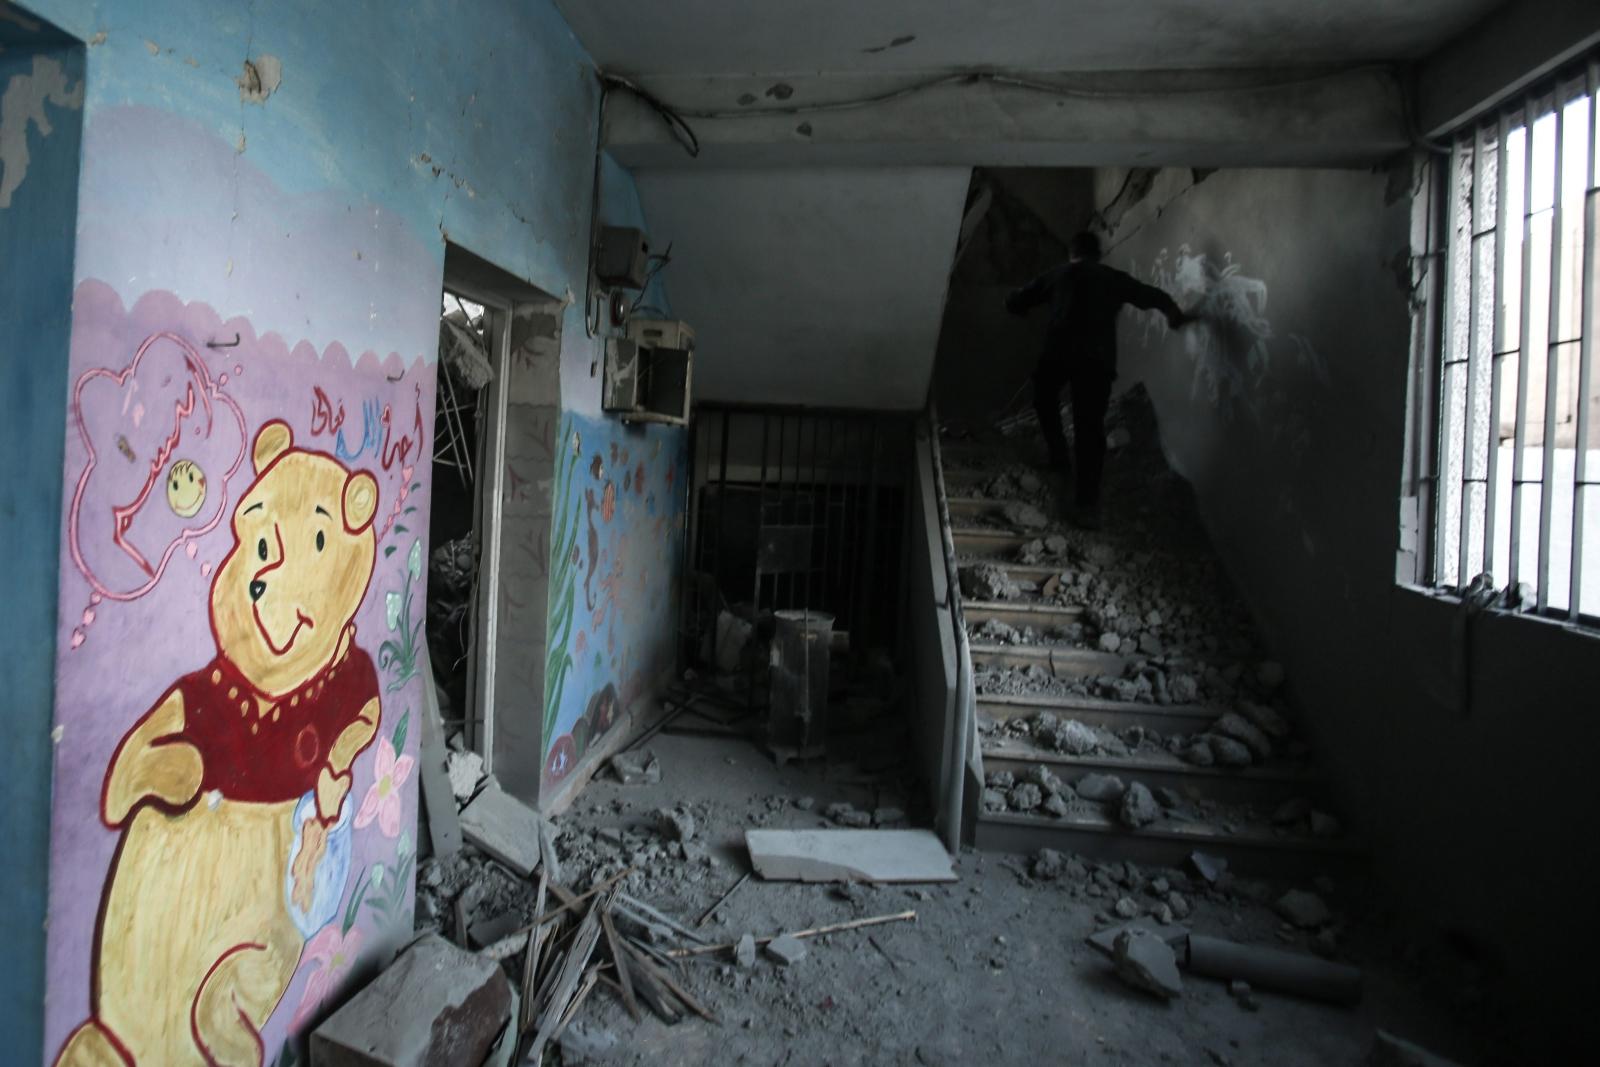 Zniszczona przez bombardowania szkoła w Syrii. Dwanaścioro dzieci jest rannych. Fot. PAP/ EPA/MOHAMMED BADRA